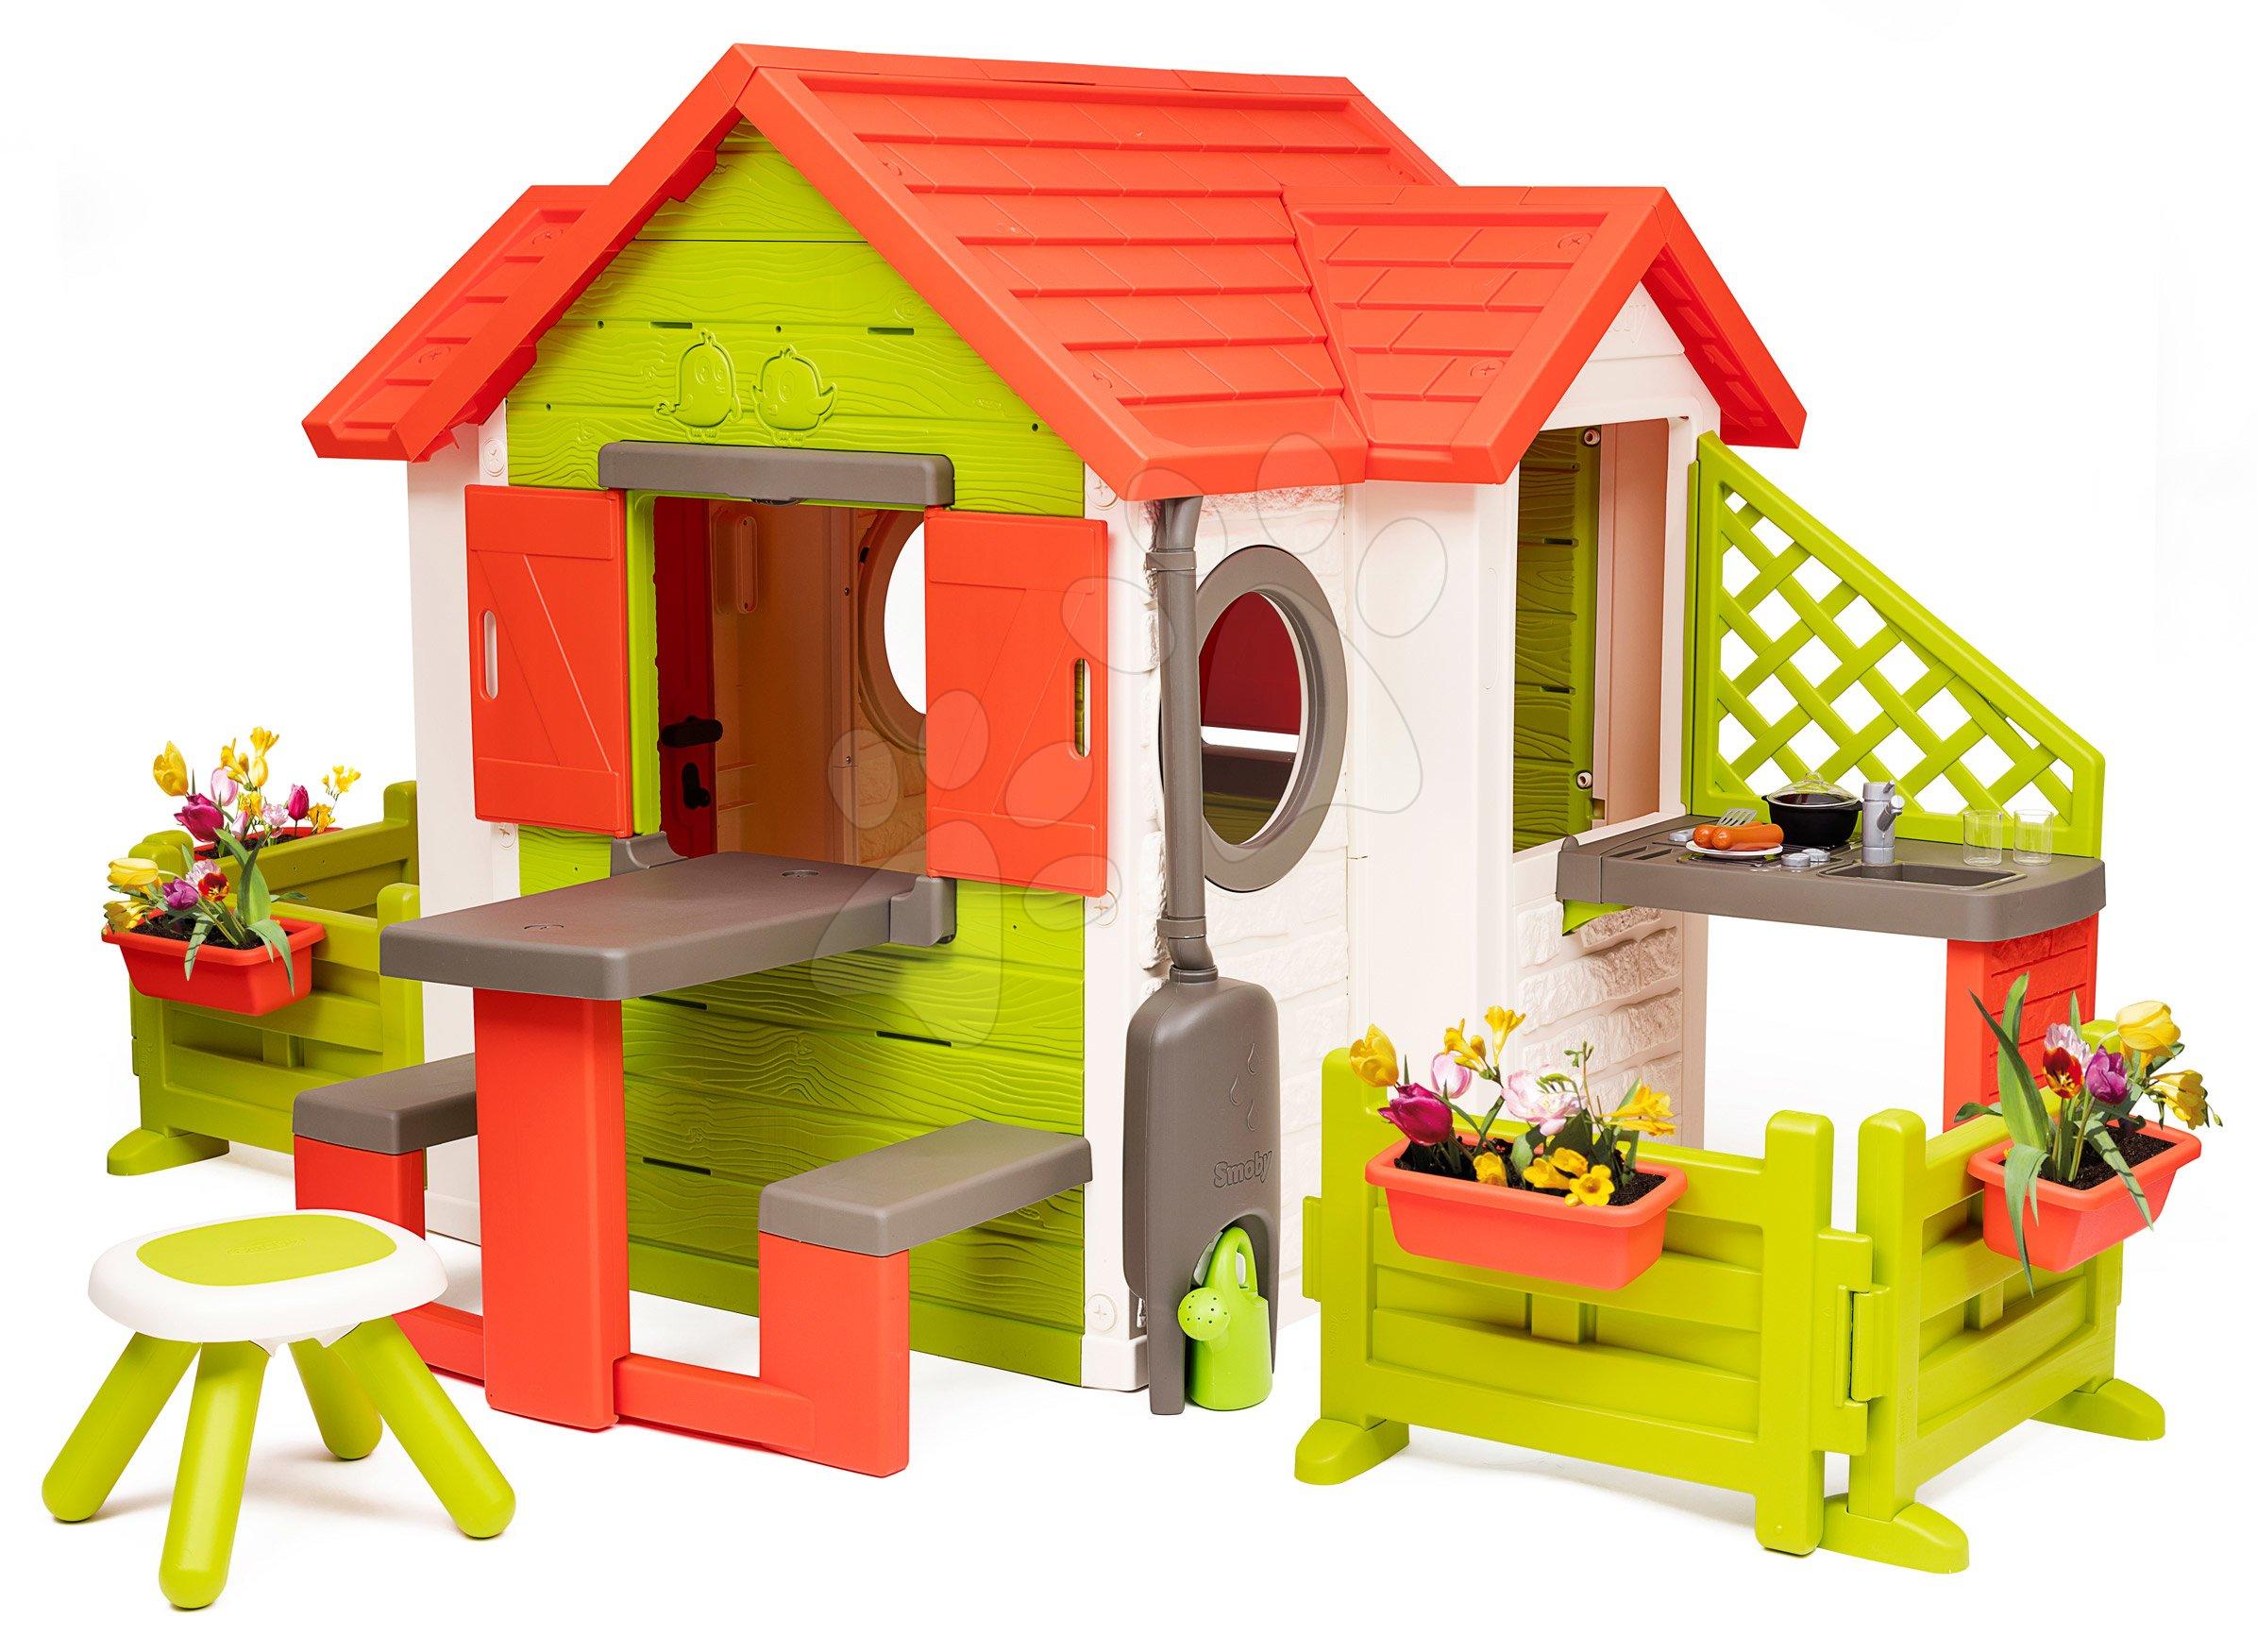 Domeček My Neo House DeLuxe Smoby s kuchyňkou, zahrádkou a stolečkem k posezení od 24 měsíců